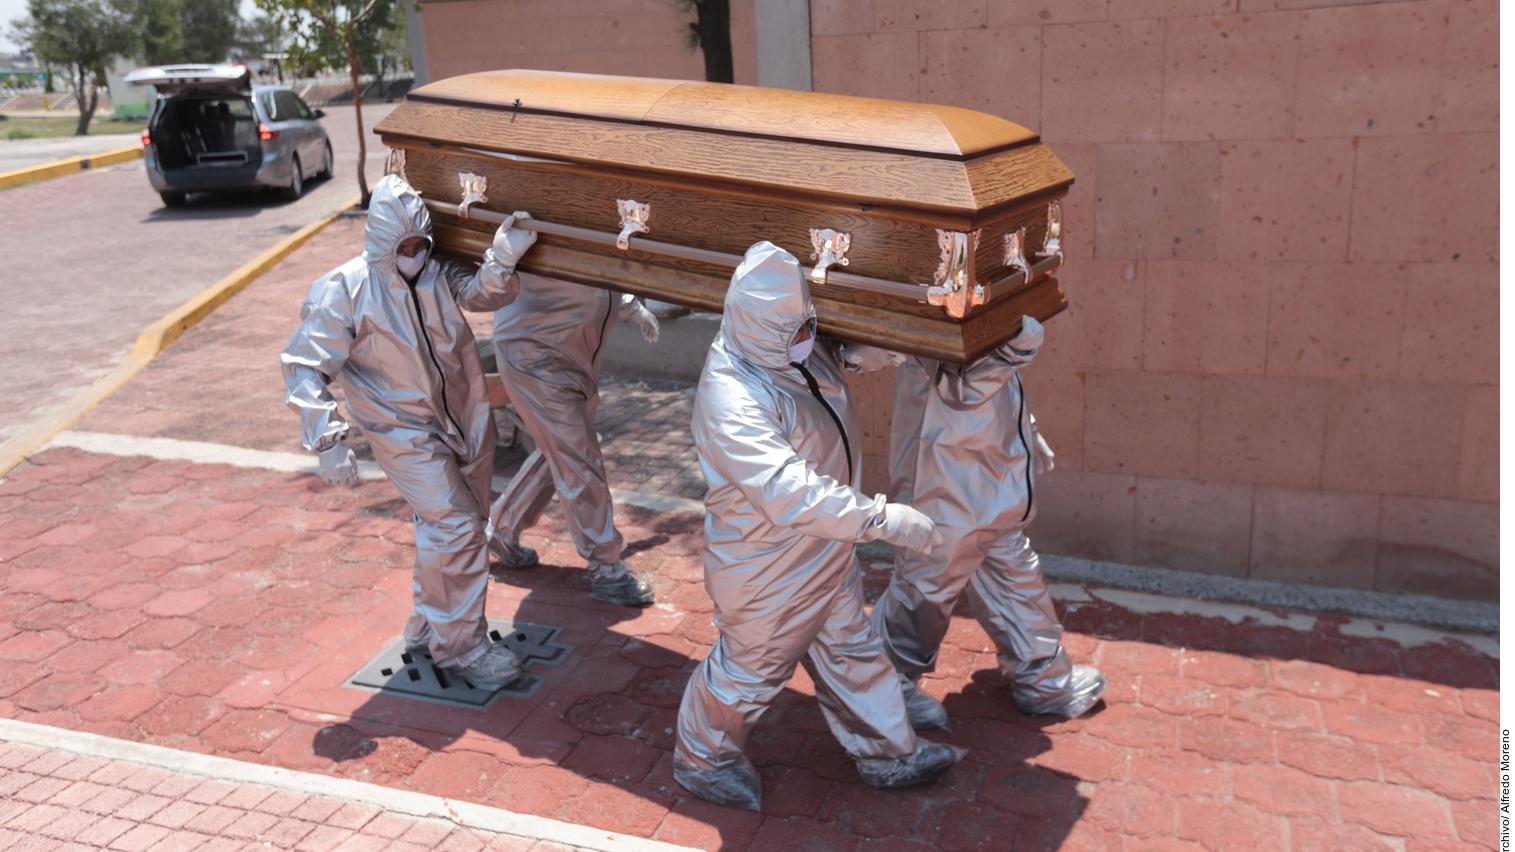 EU ha registrado 300 mil muertes más de lo usual: CDC; Covid-19 fue la causa de 66%, afirma